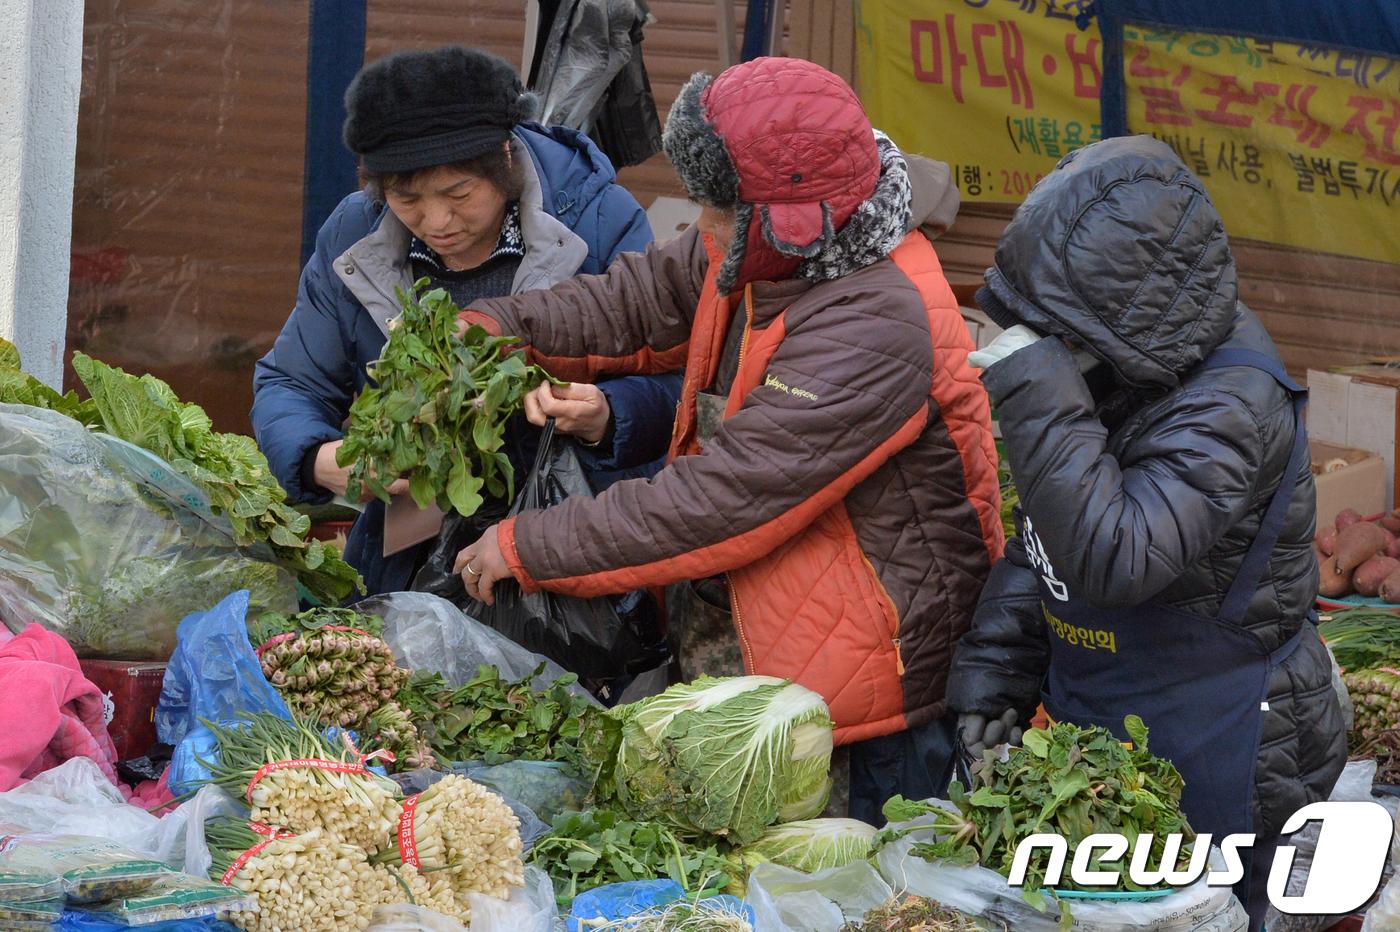 설 연휴를 앞둔 12일 오후 한 전통시장에서 상인들이 제수용품을 팔고 있다.(사진 속 시장과 인물은 기사 내용과 무관함.) 2018.2.12/뉴스1 © News1 최창호 기자